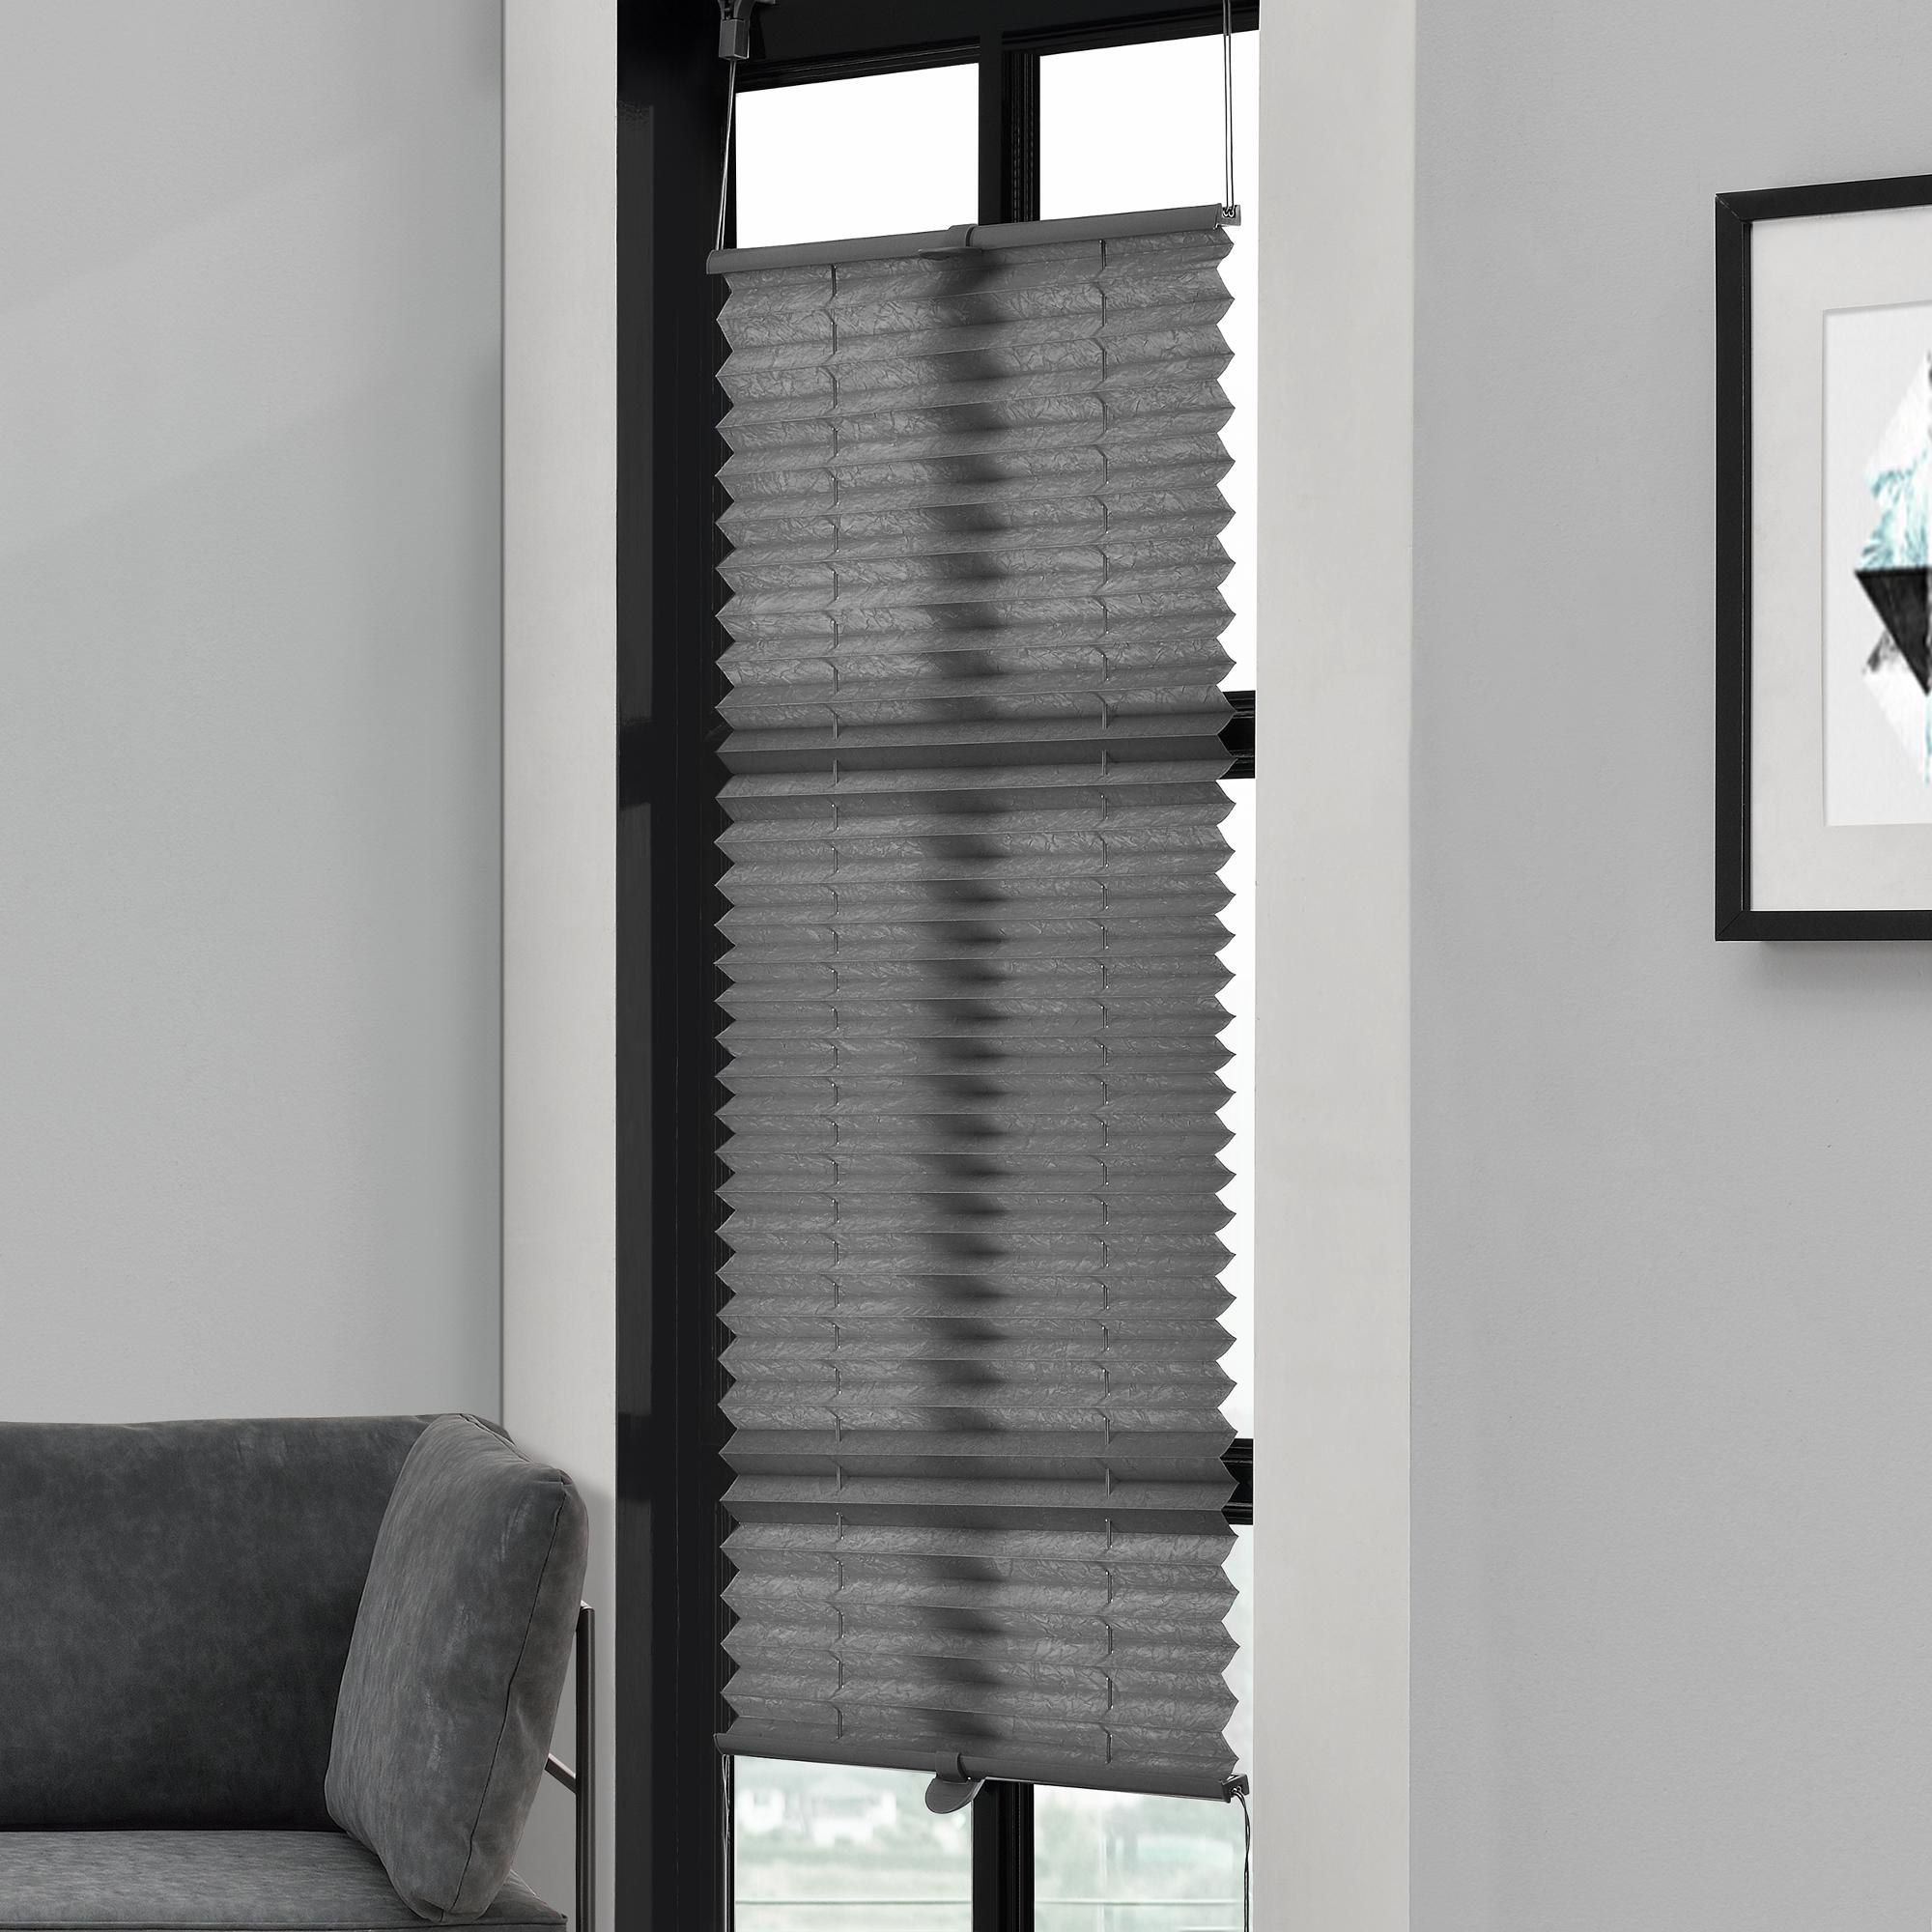 Klemmfix Plissee - 60 x 150 cm - šedá - ochrana proti slunci a světlu - neprůhledné - bez otvorů